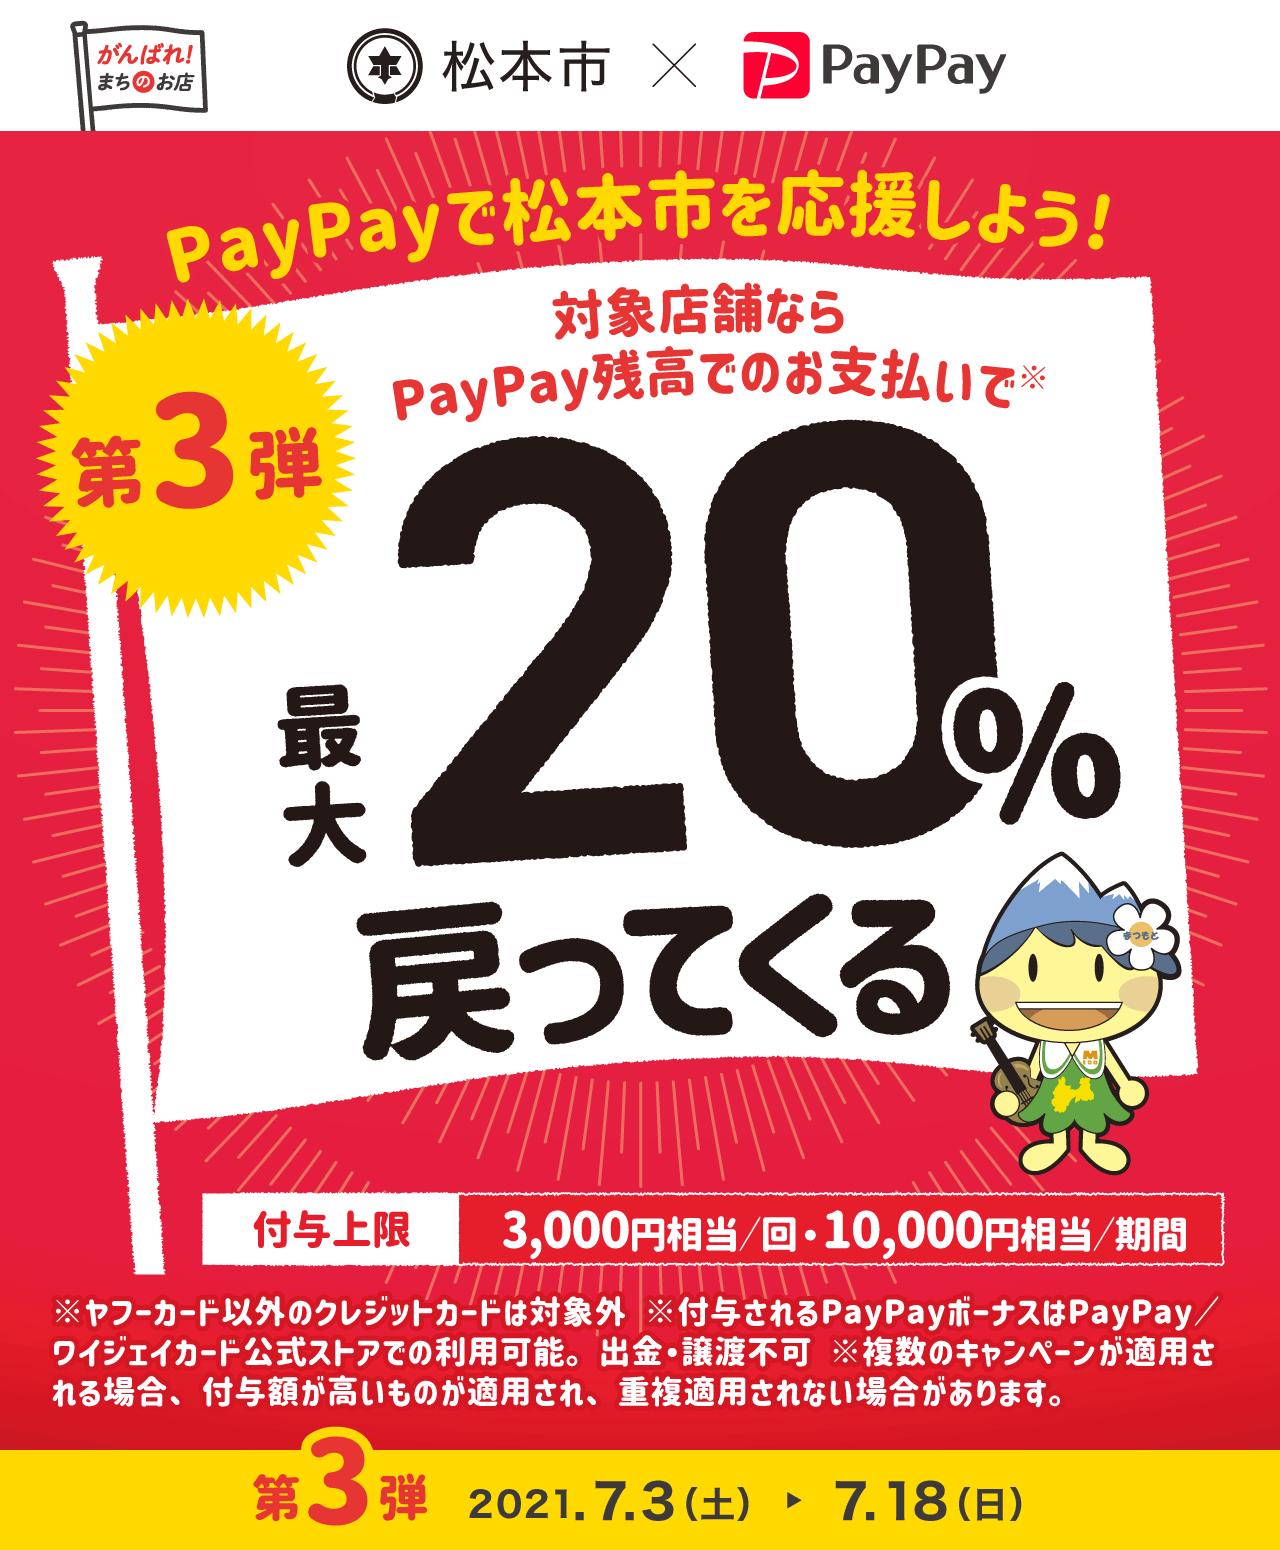 PayPayで松本市を応援しよう! 第3弾 対象店舗ならPayPay残高でのお支払いで最大20%戻ってくる